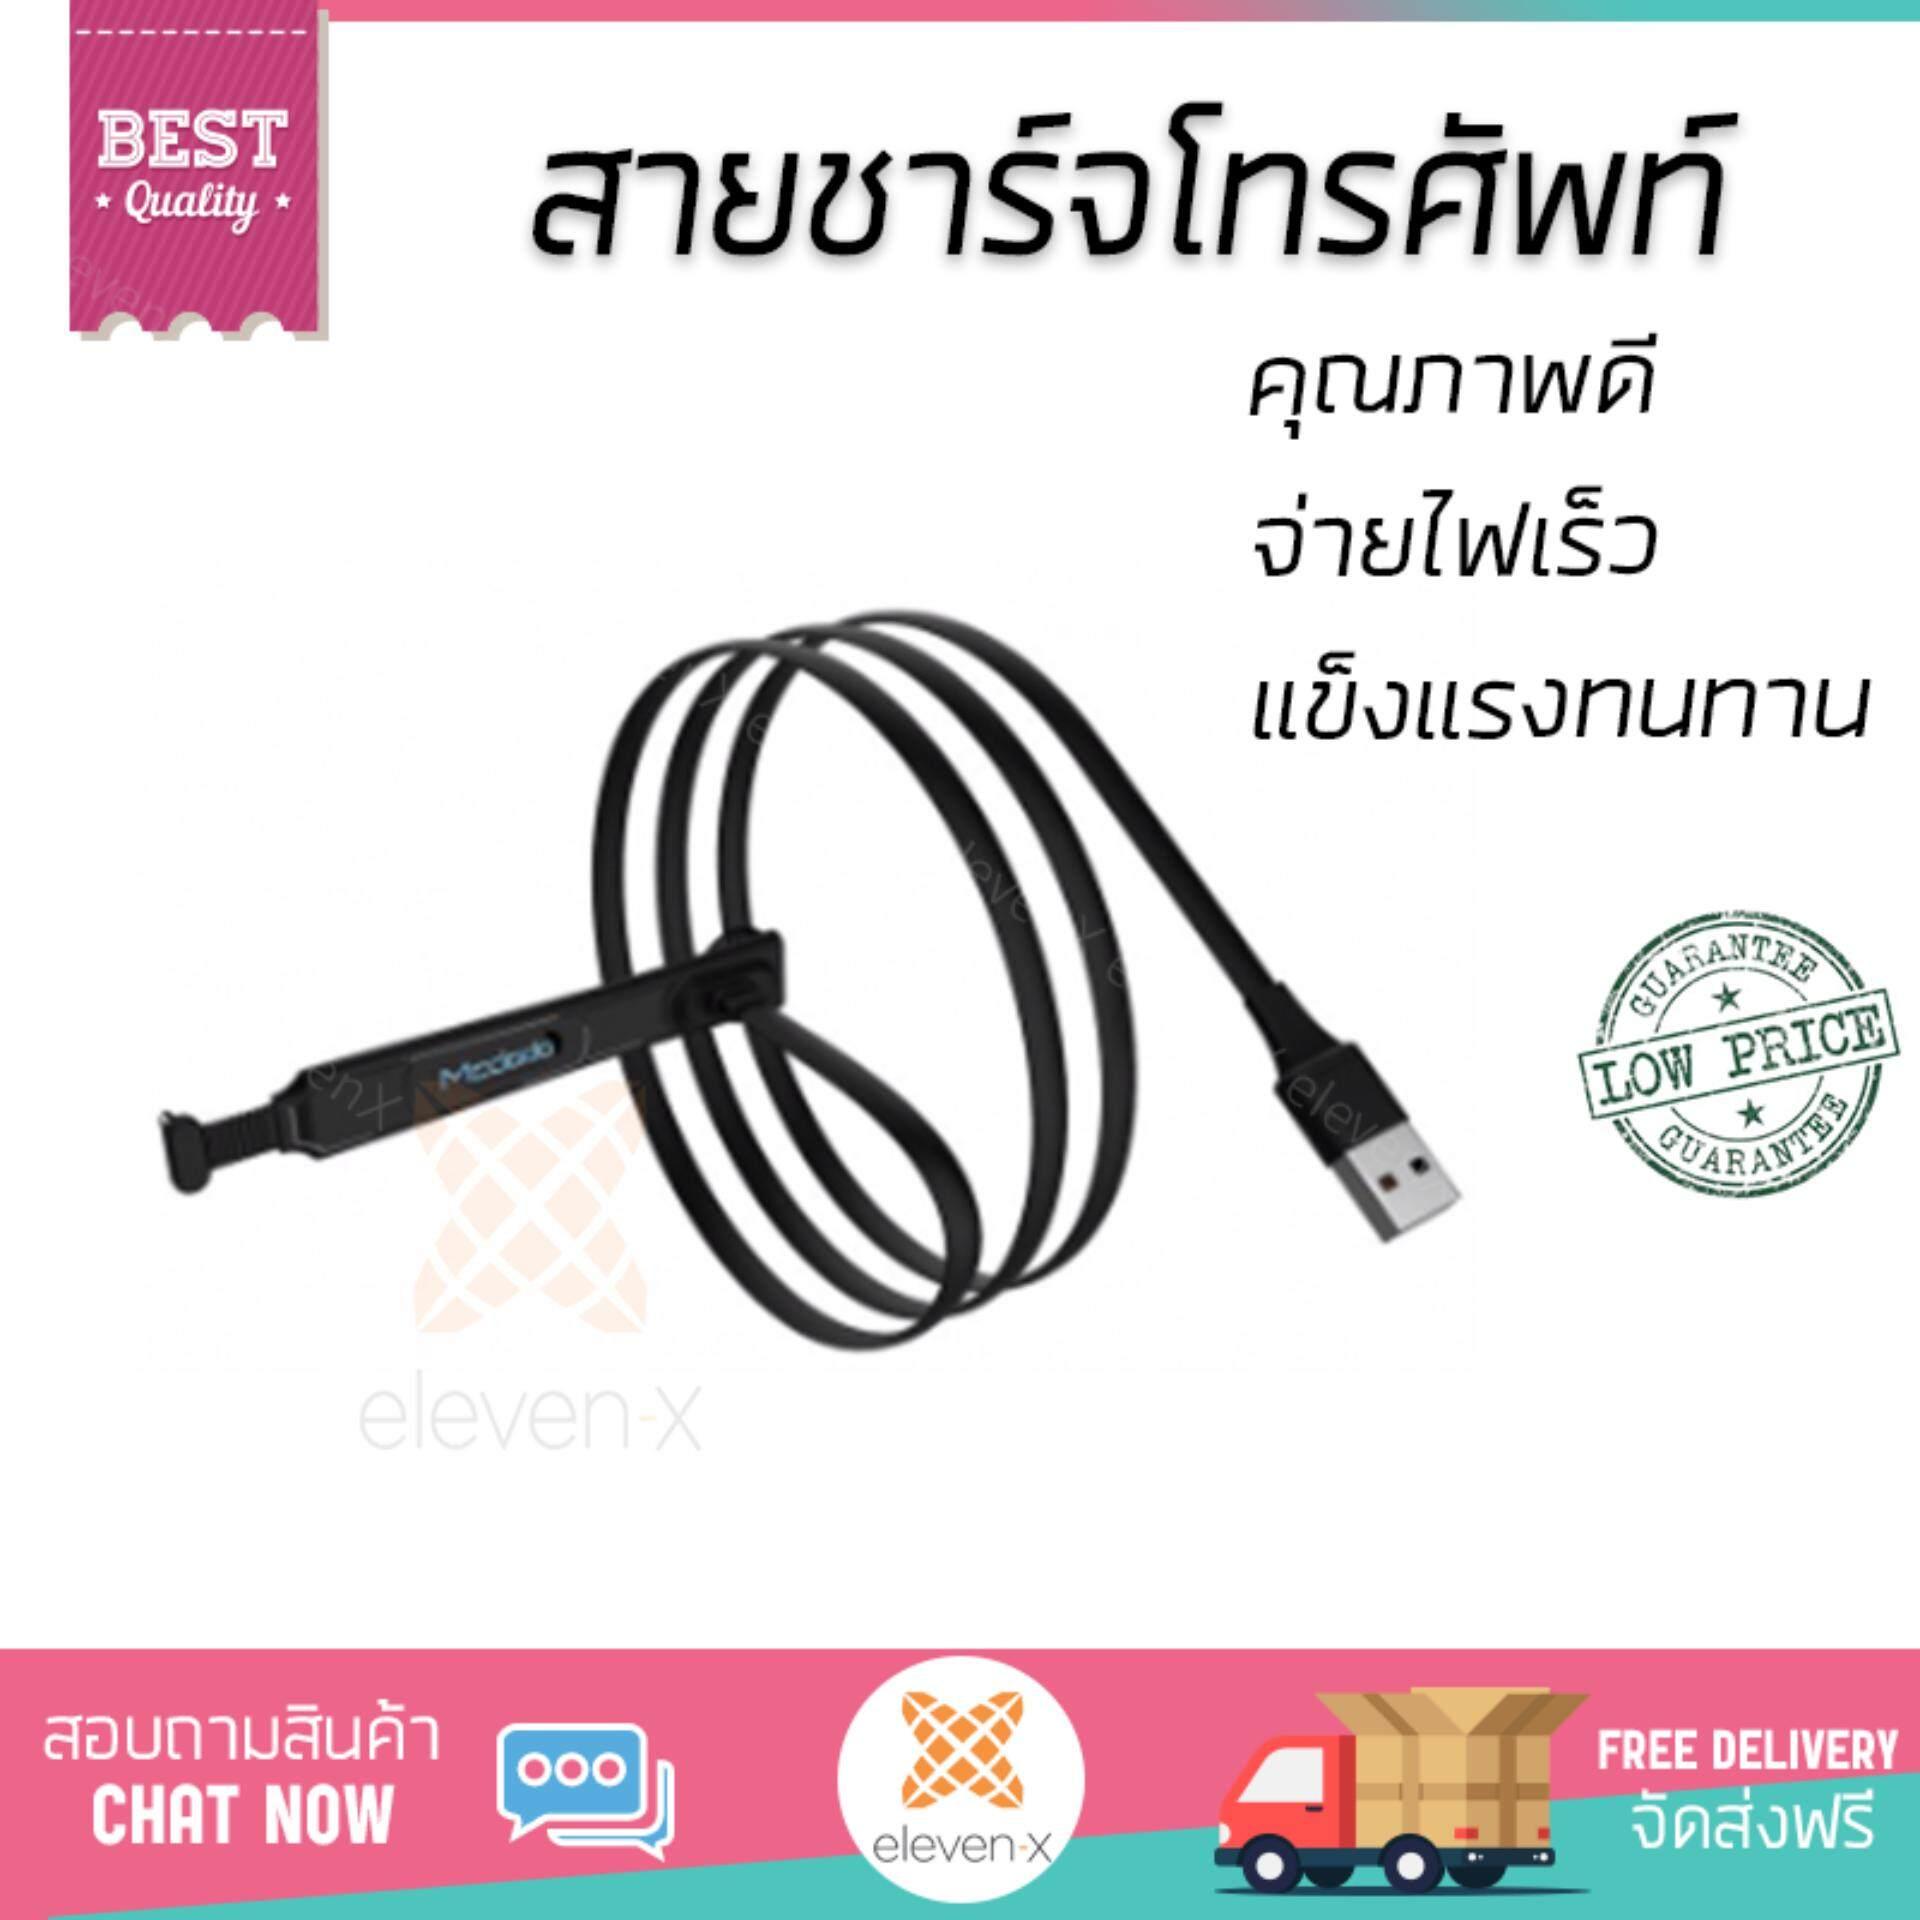 ลดสุดๆ ราคาพิเศษ รุ่นยอดนิยม สายชาร์จโทรศัพท์ MCDODO Gaming USB-C to USB-C Cable 1.8M. Black (IMP) สายชาร์จทนทาน แข็งแรง จ่ายไฟเร็ว Mobile Cable จัดส่งฟรี Kerry ทั่วประเทศ